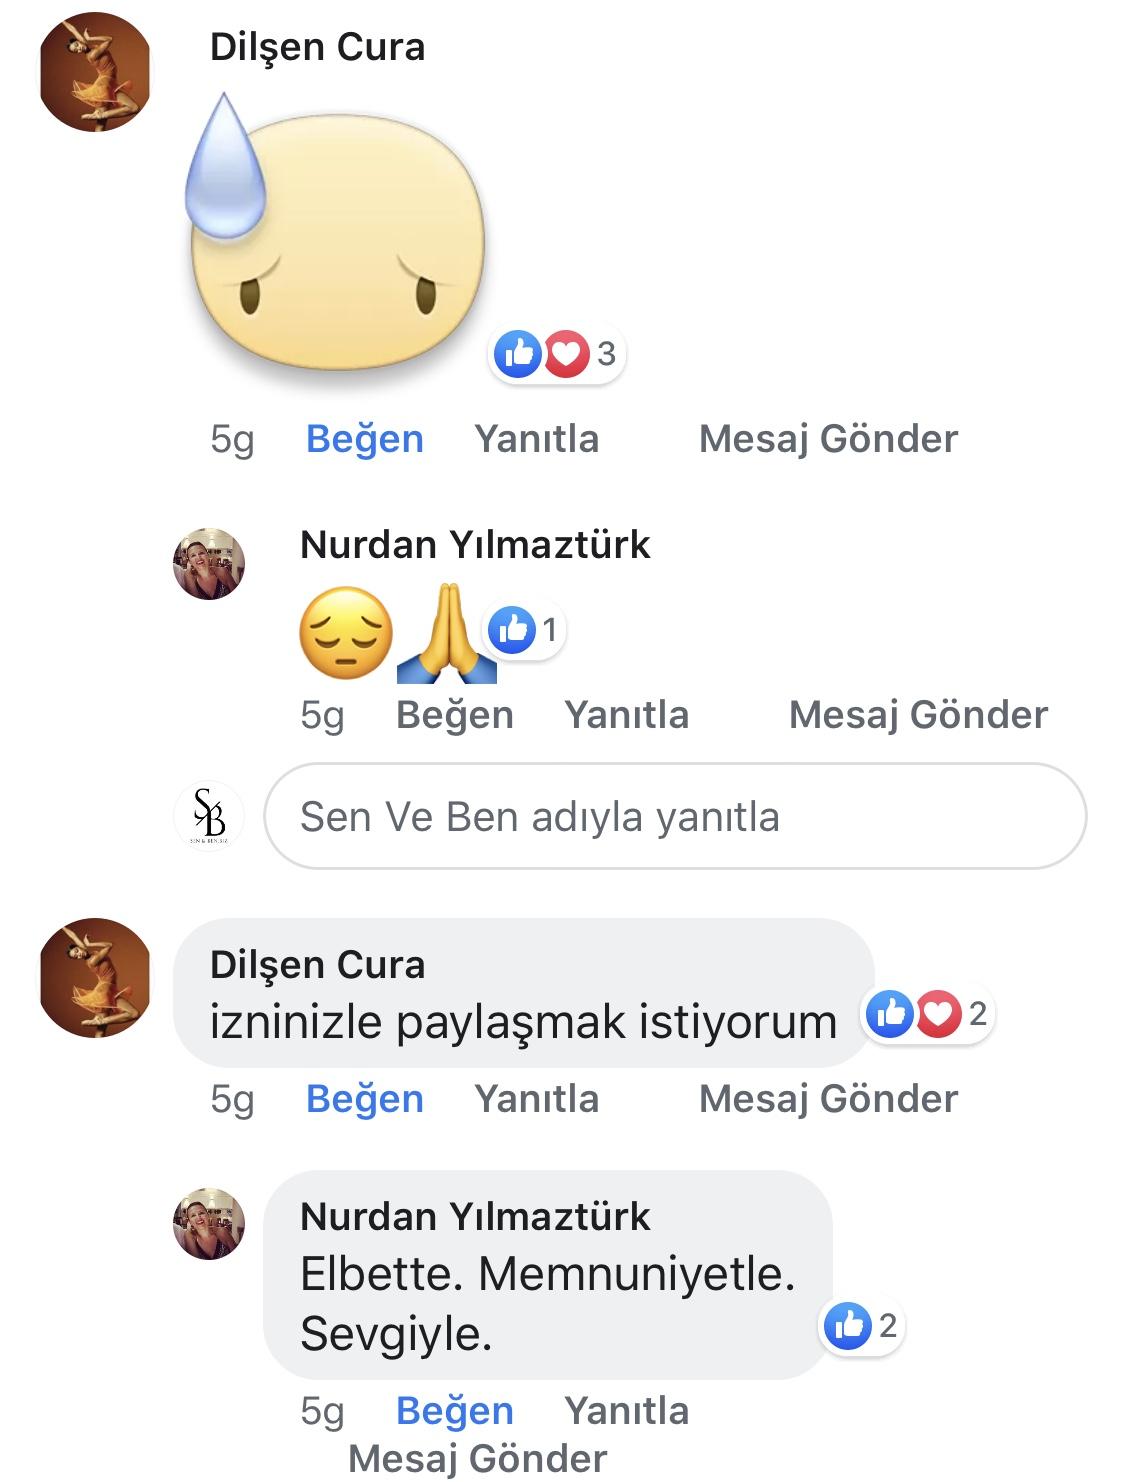 Ana Kucağı | Nurdan Yılmaztürk | Facebook Yorumları | 02